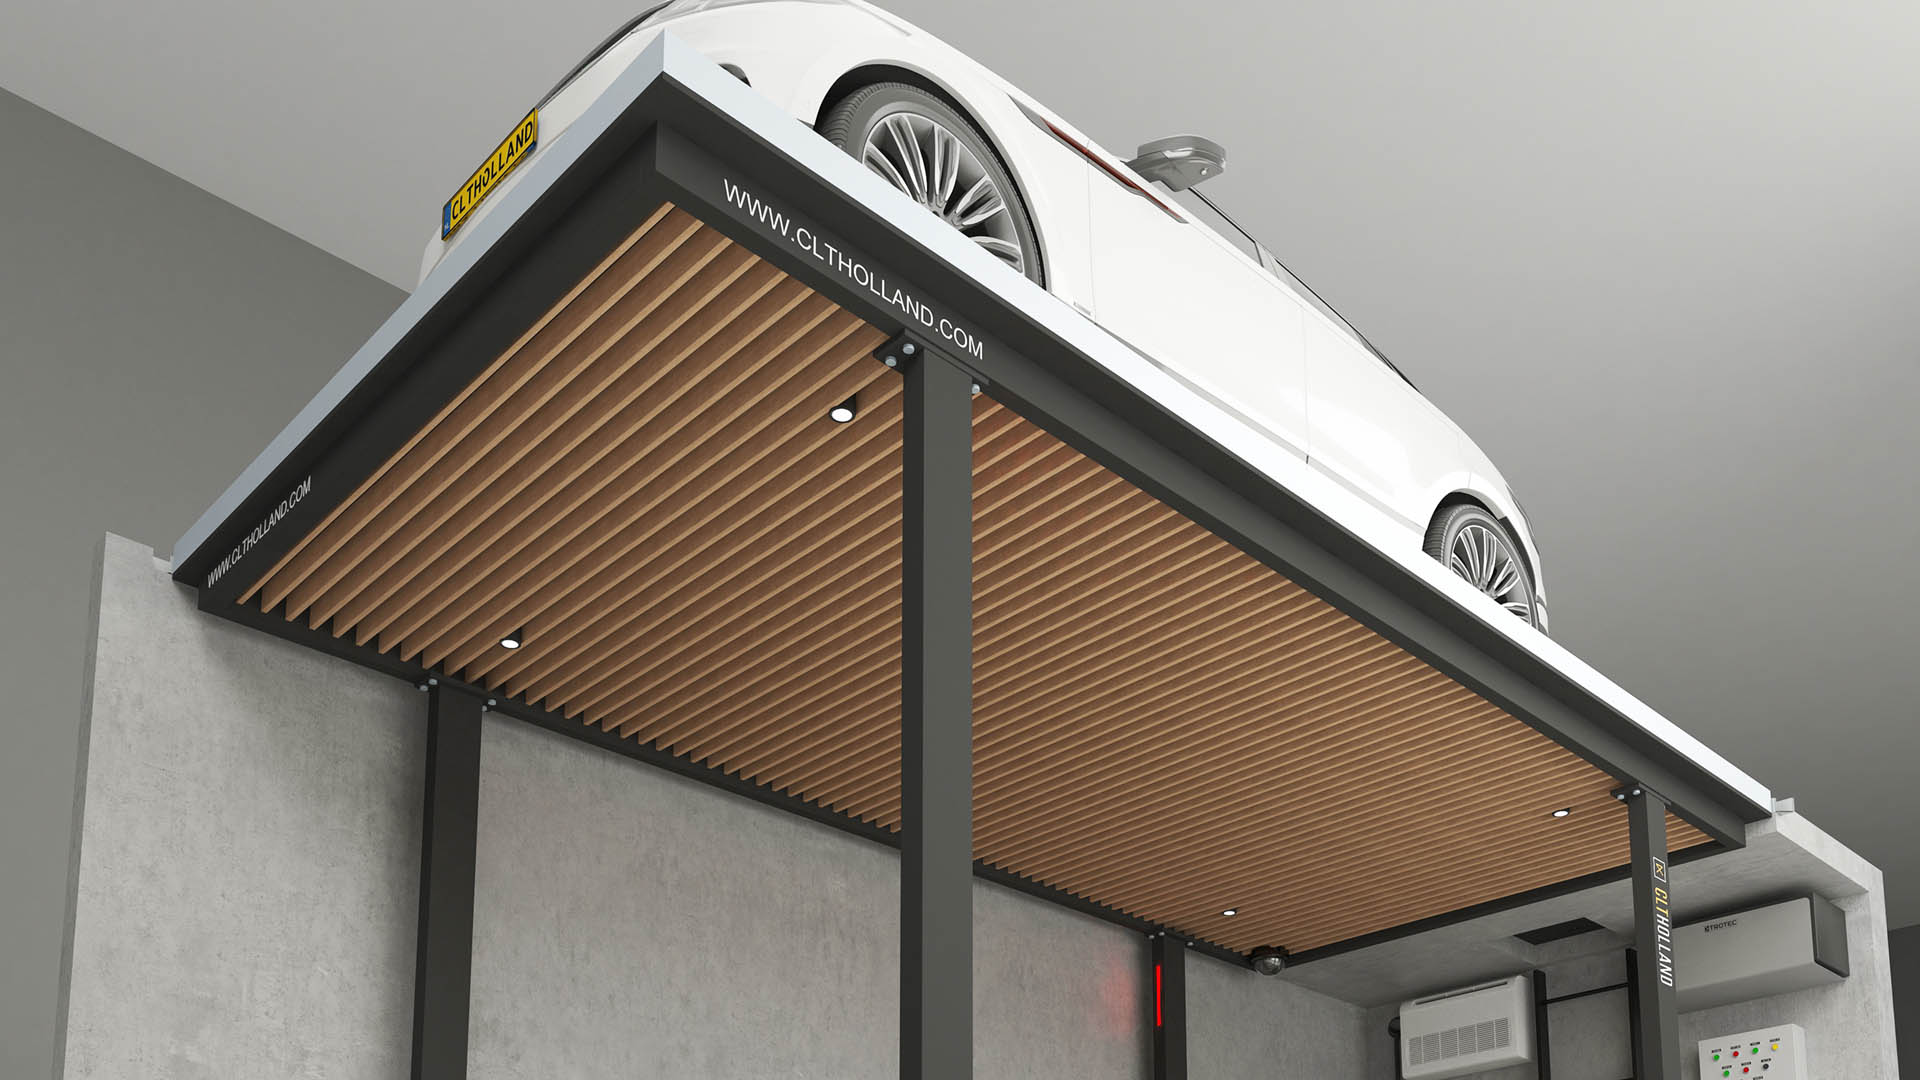 CLT Holland parkeerliften zijn tot in details afgewerkt. Dit voorbeeld is uitgevoerd met lamellen plafond.